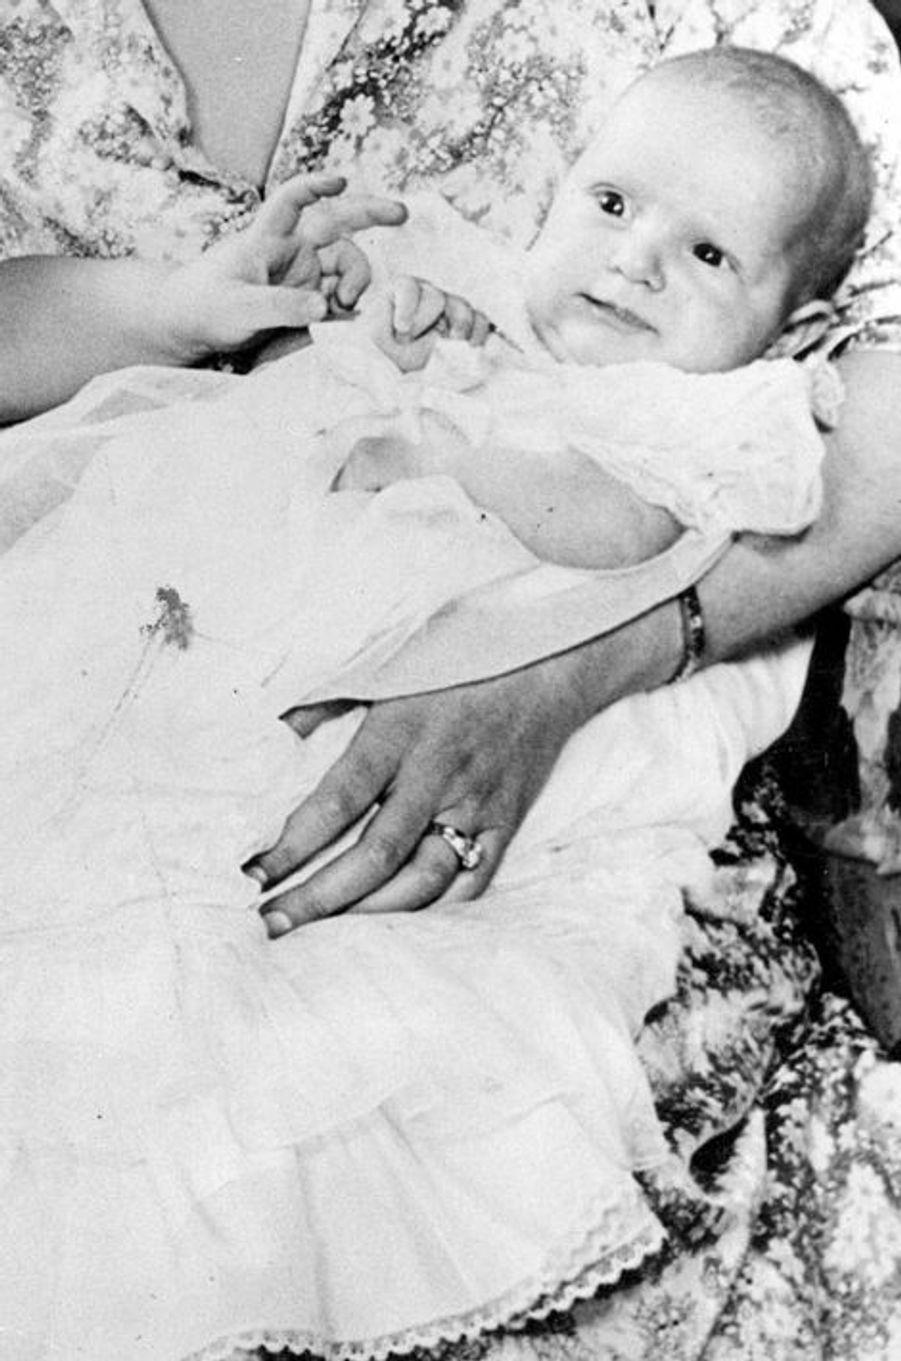 La princesse Anne à 4 mois et demi, le 9 janvier 1951